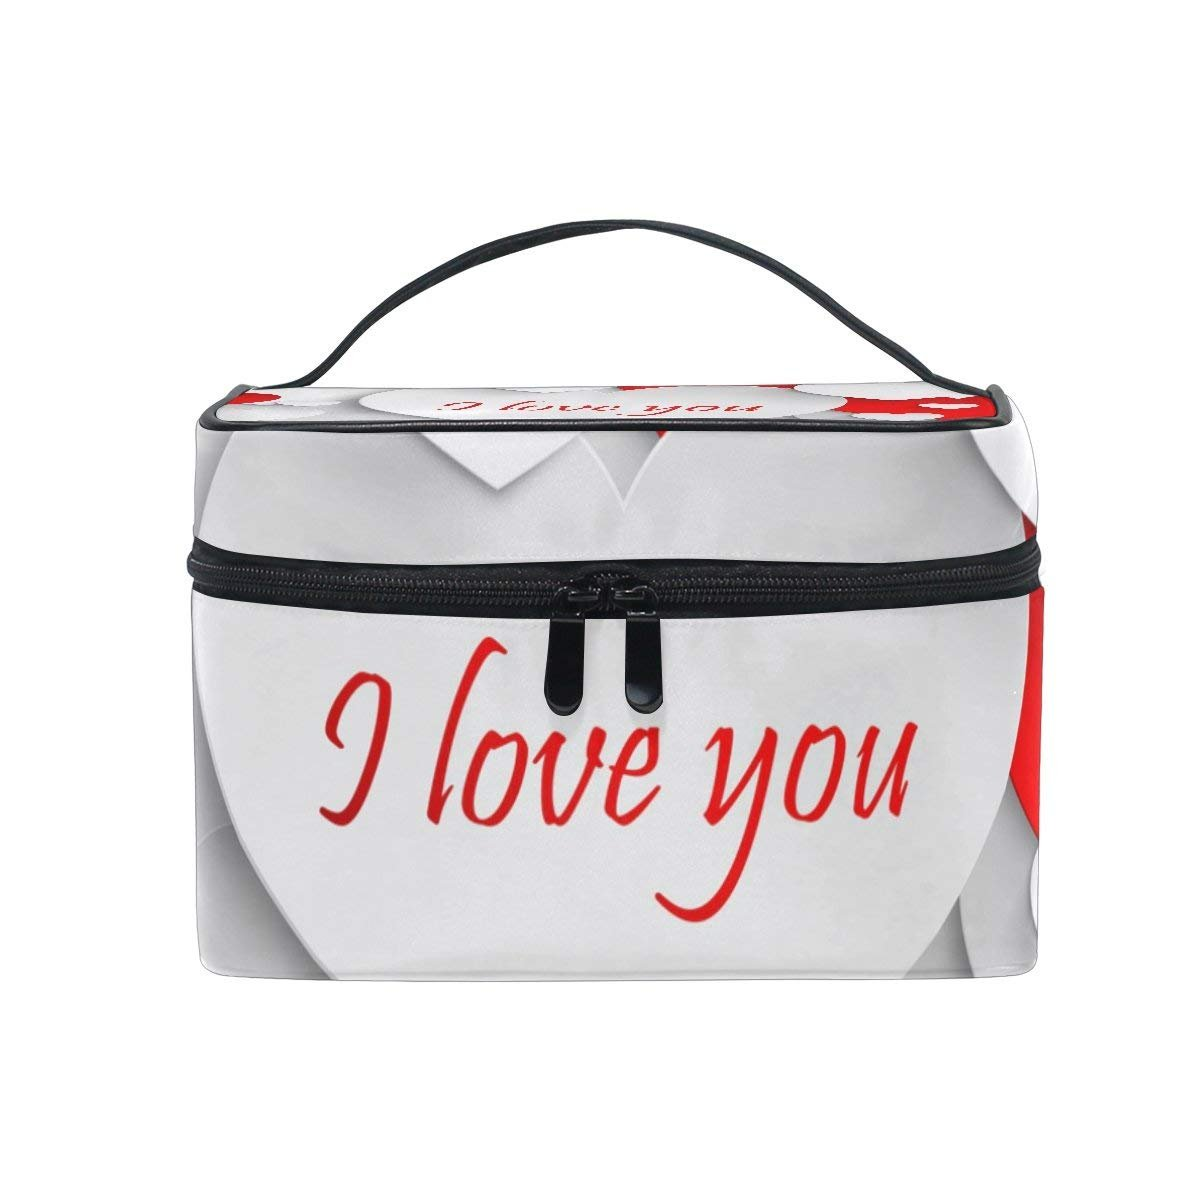 Makeup Bag I Love You Mens Travel Toiletry Bag Mens Cosmetic Bags for Women Fun Large Makeup Organizer